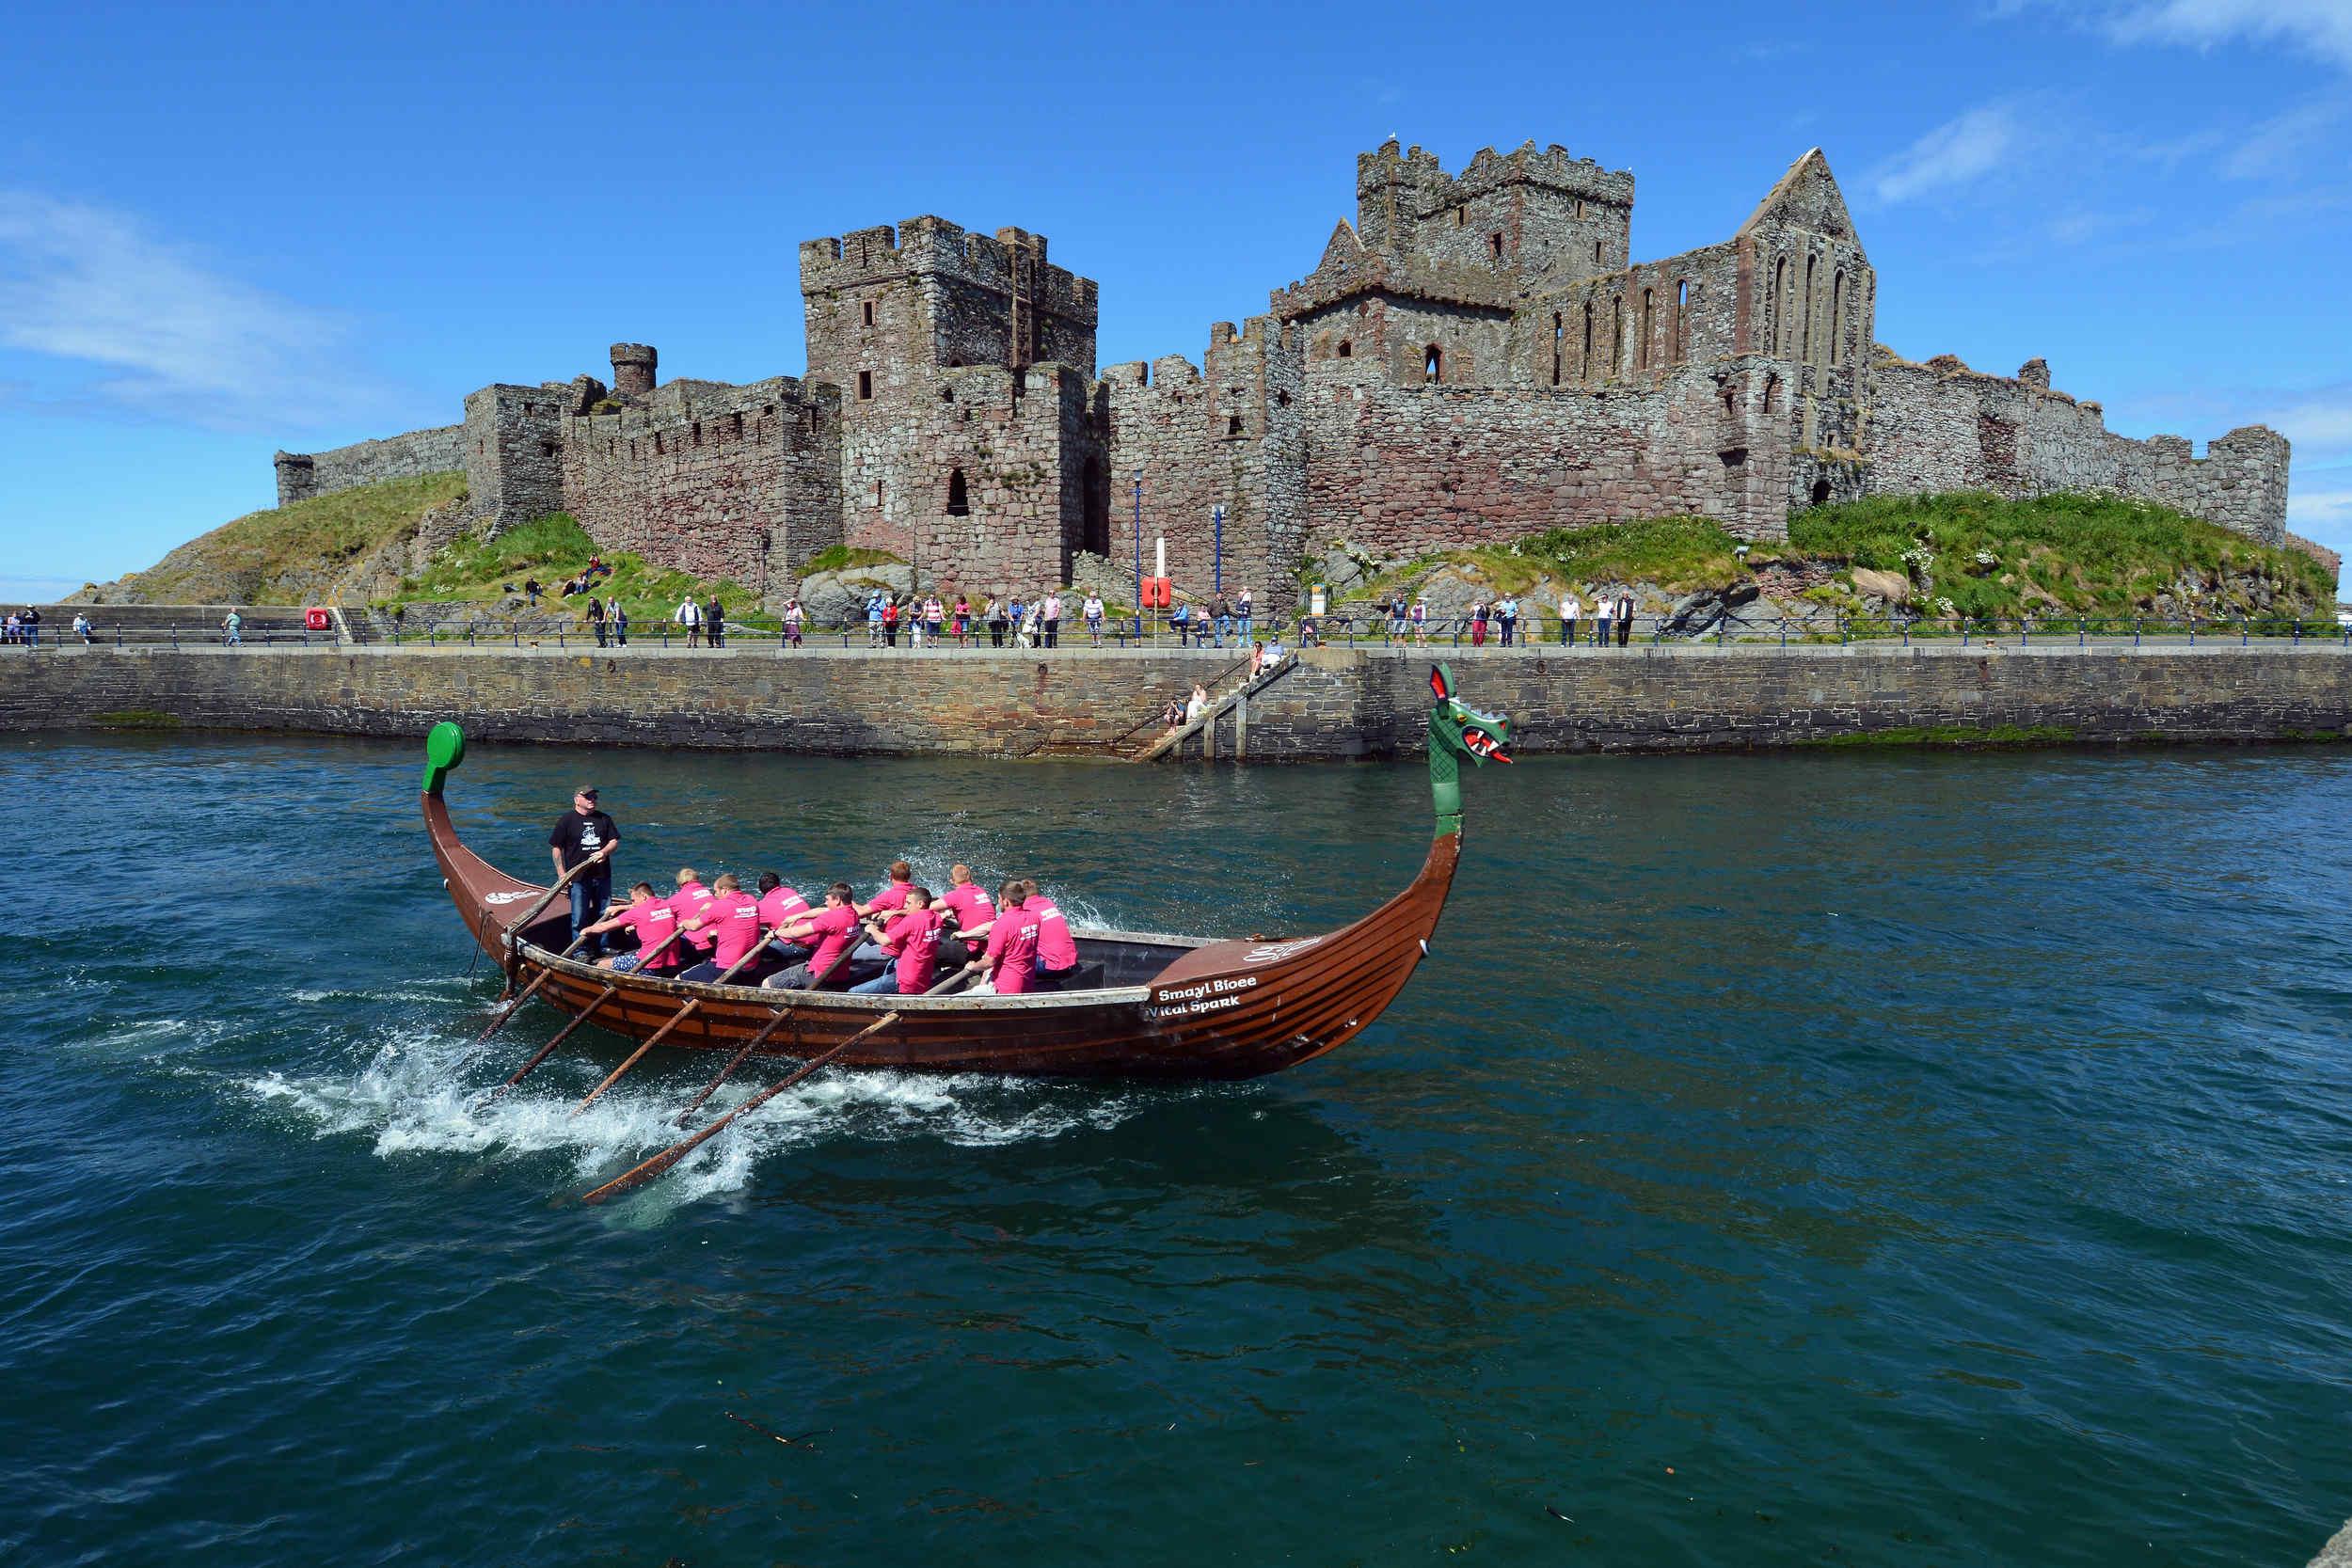 Viking Longboat Races in Peel